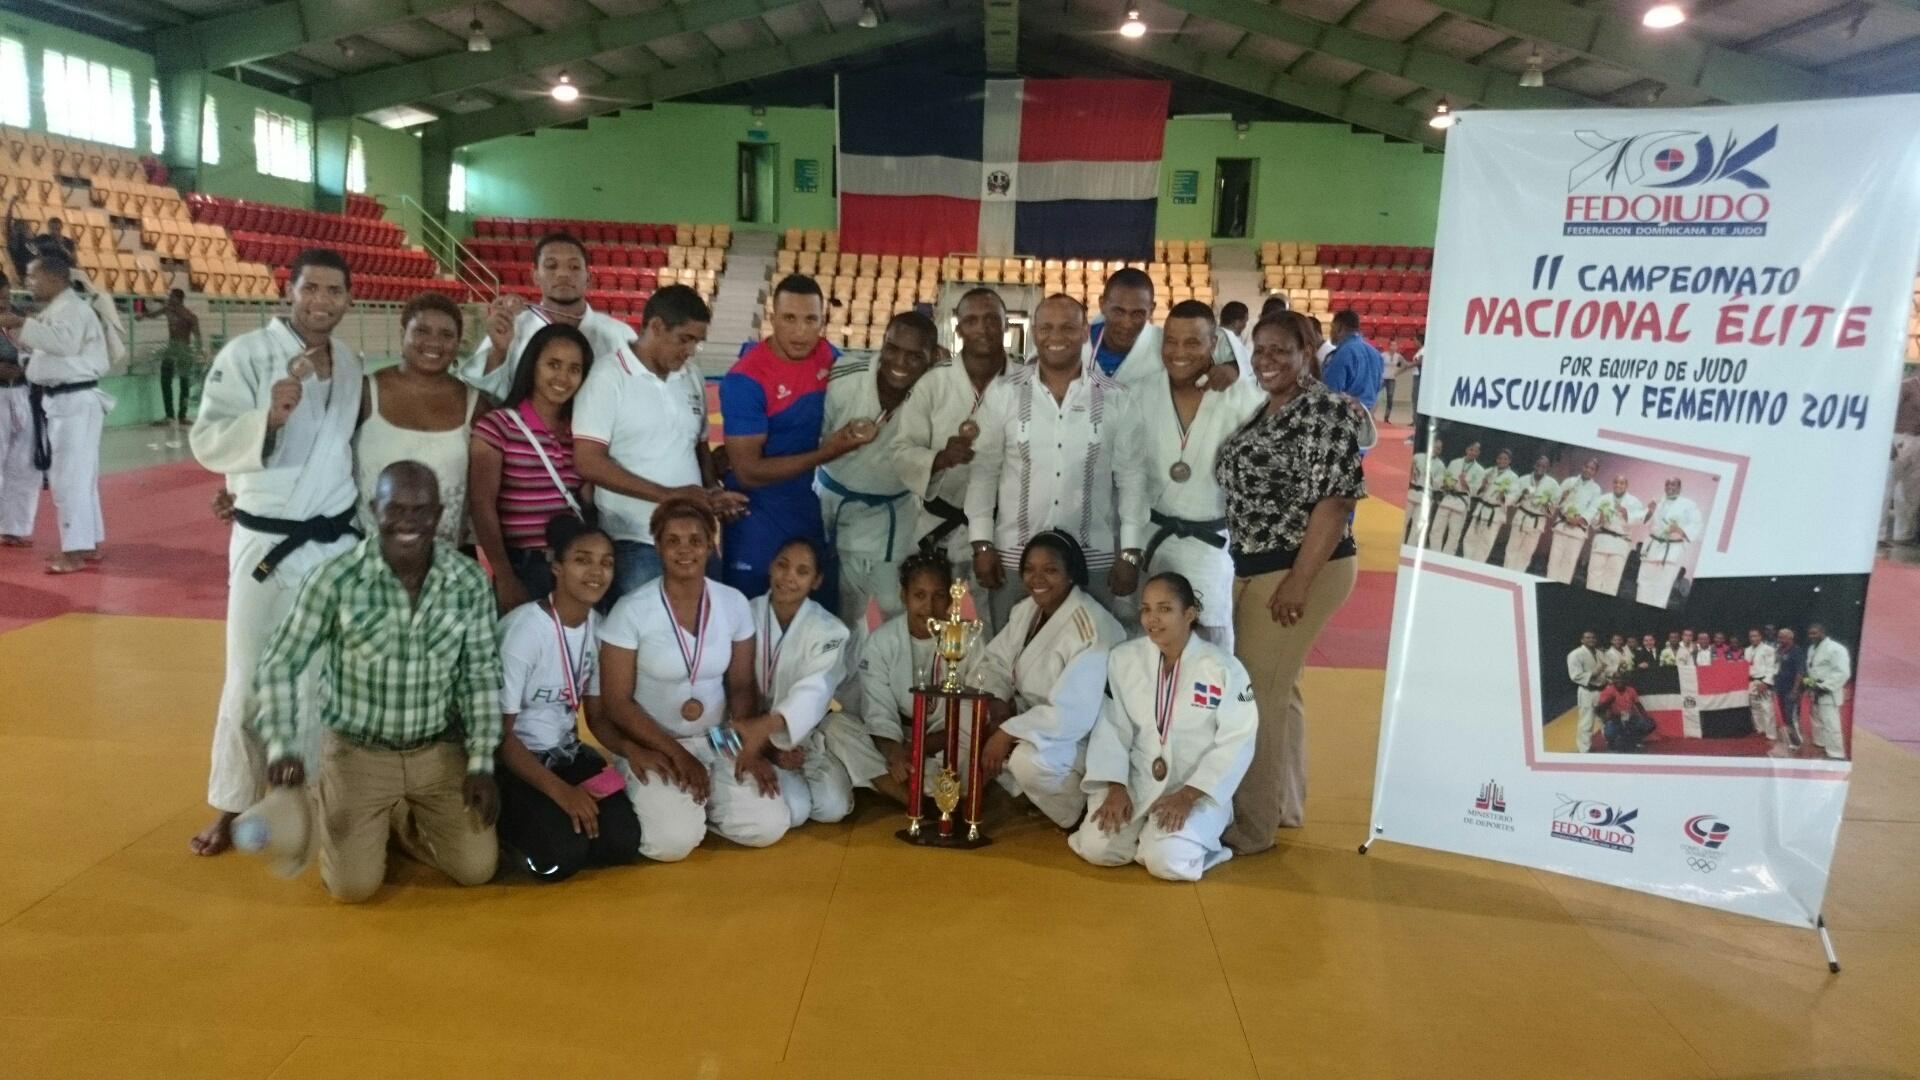 Zona Sur gana campeonato por equipo élite judo